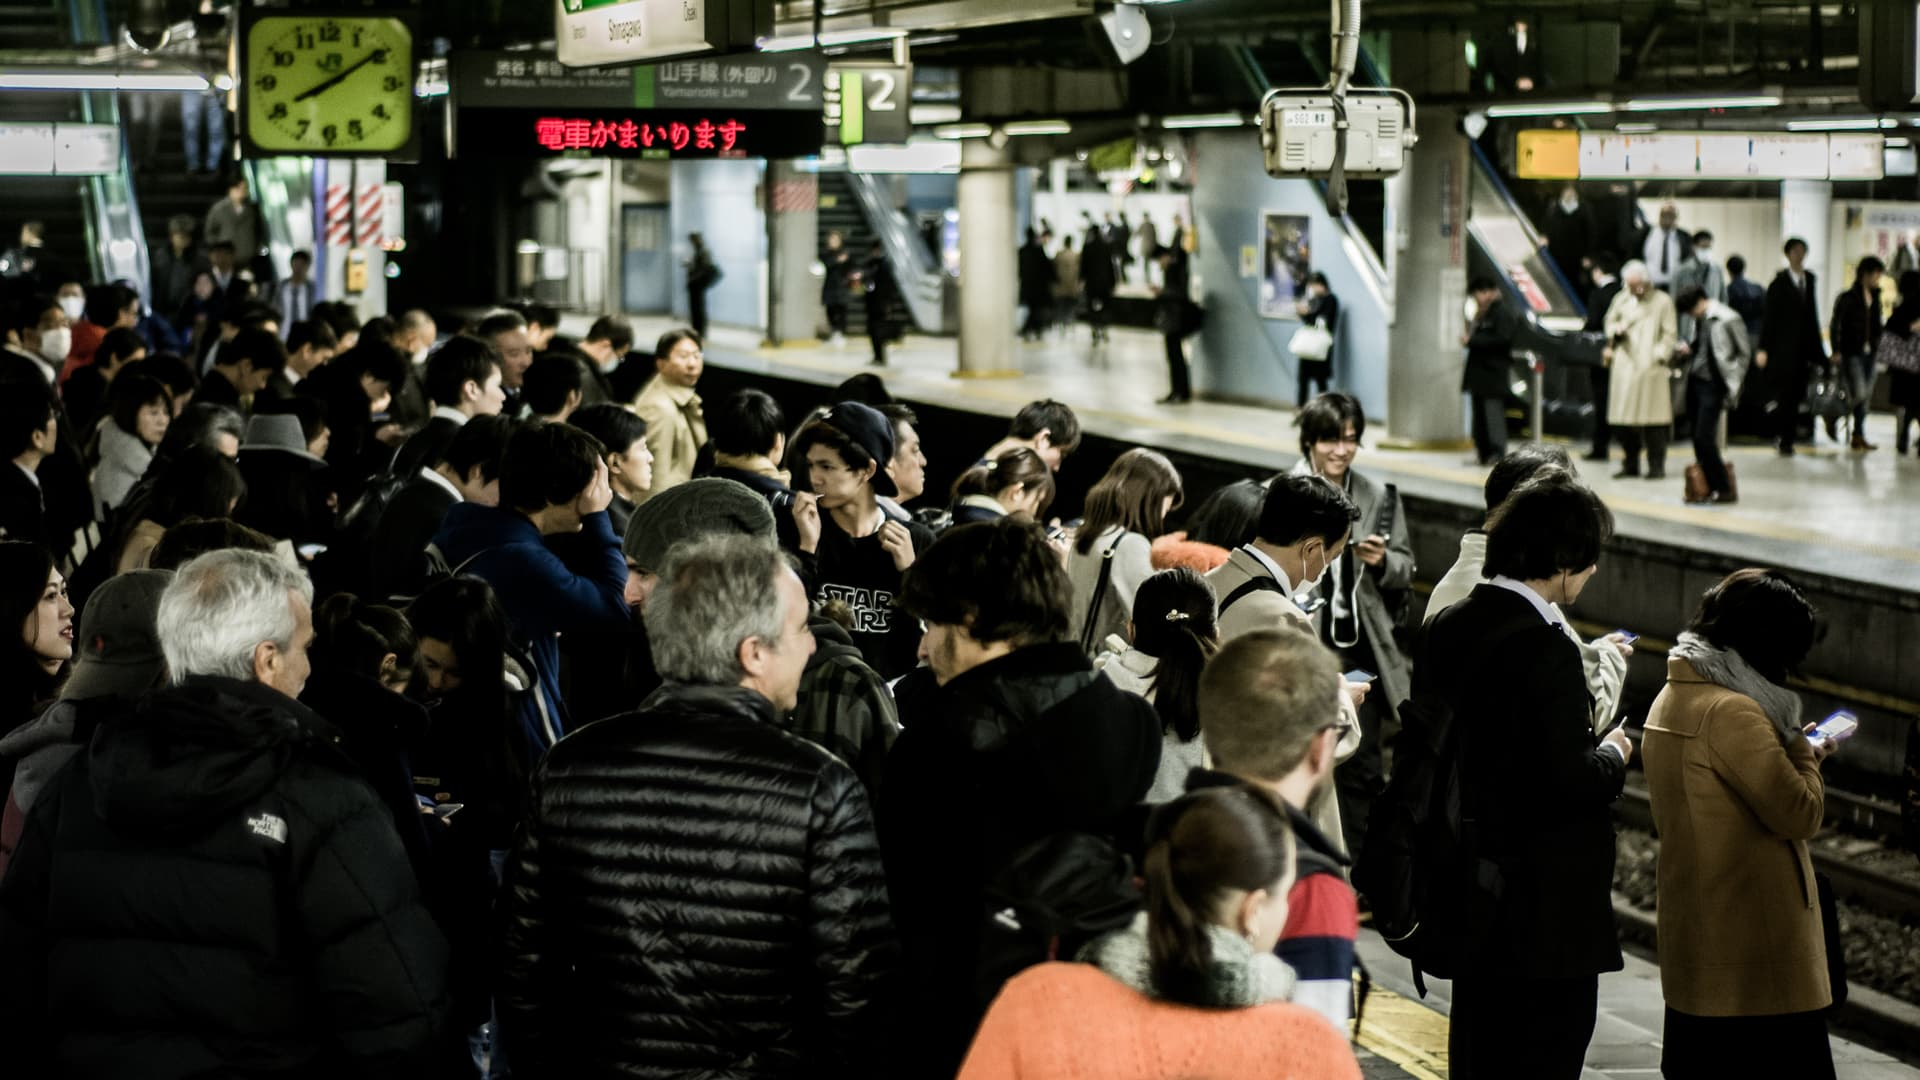 U-Bahn in Japan